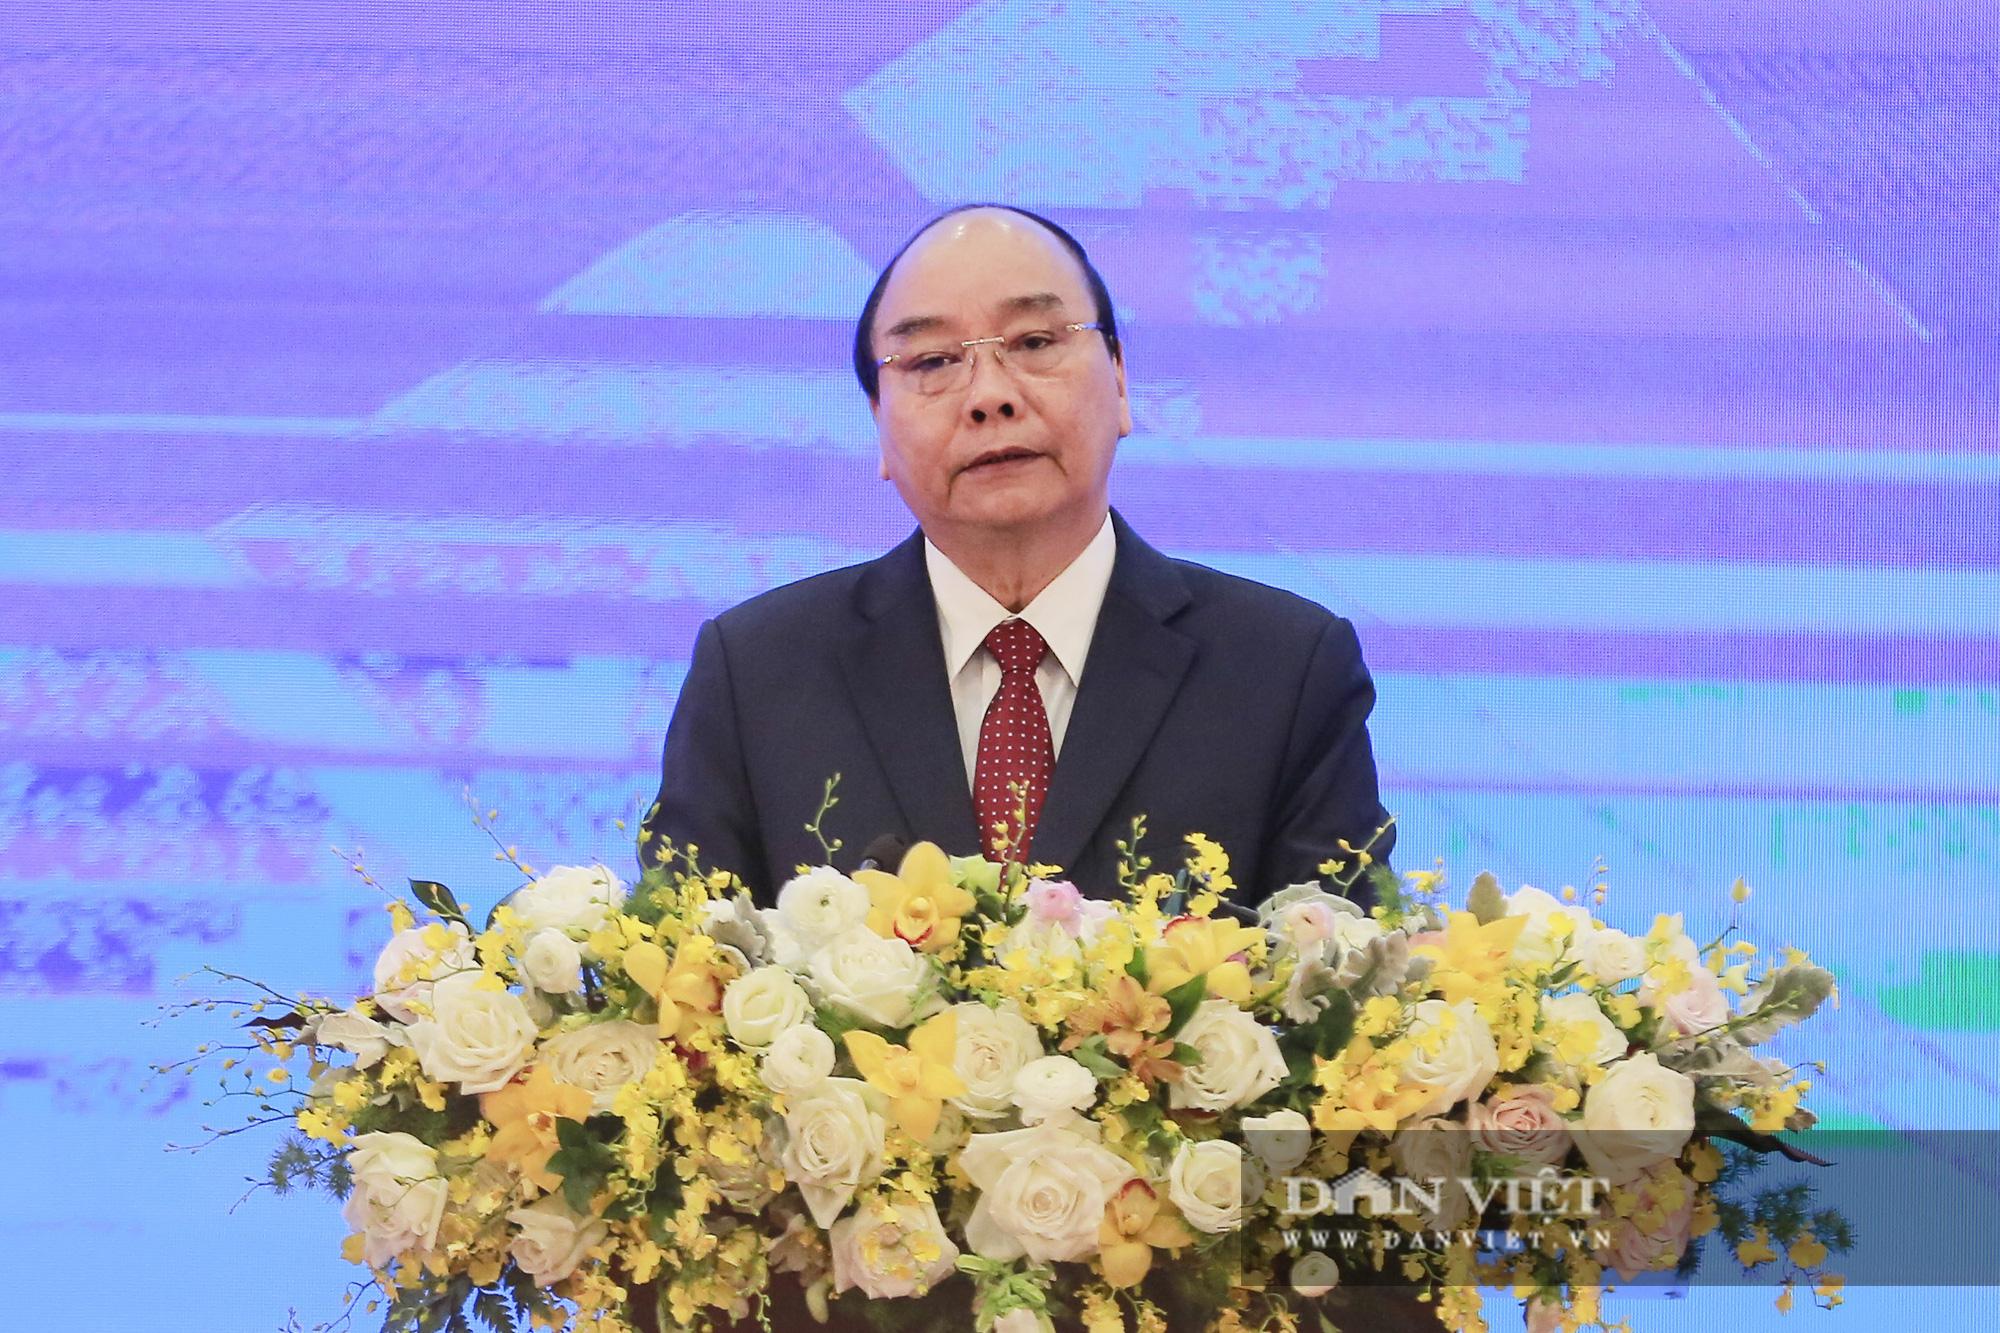 Toàn cảnh Khai mạc Hội nghị Cấp cao ASEAN lần thứ 37 - Ảnh 11.